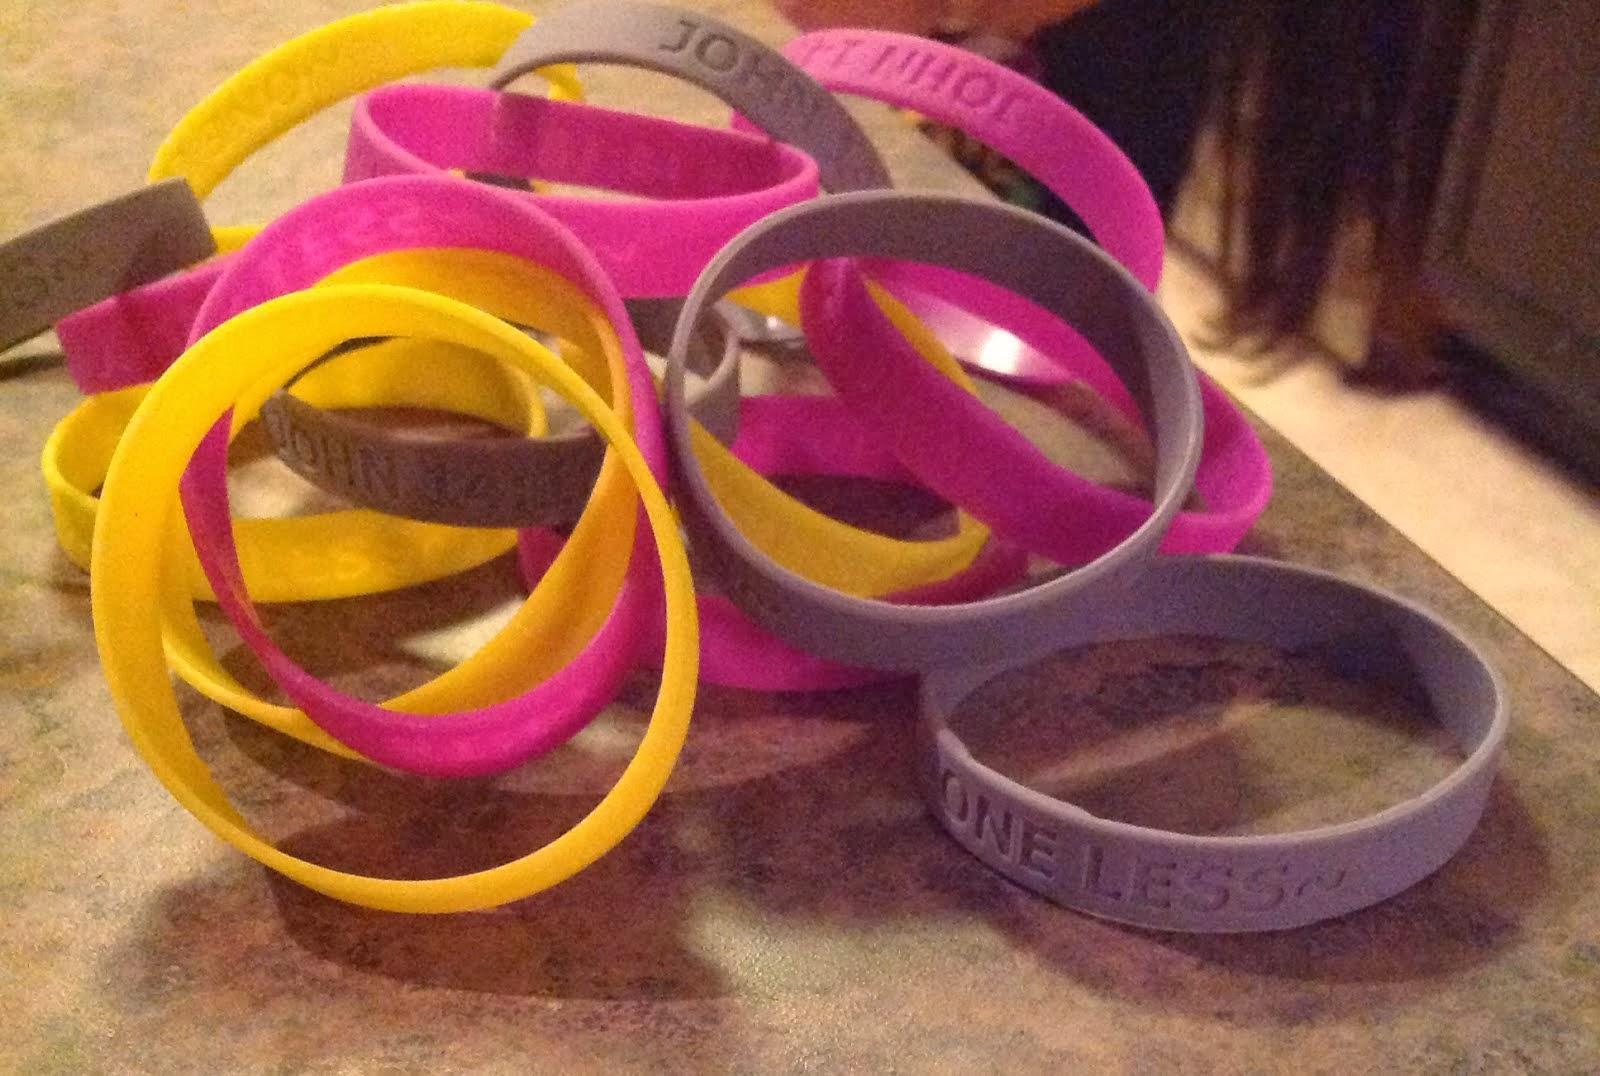 One Less Bracelets